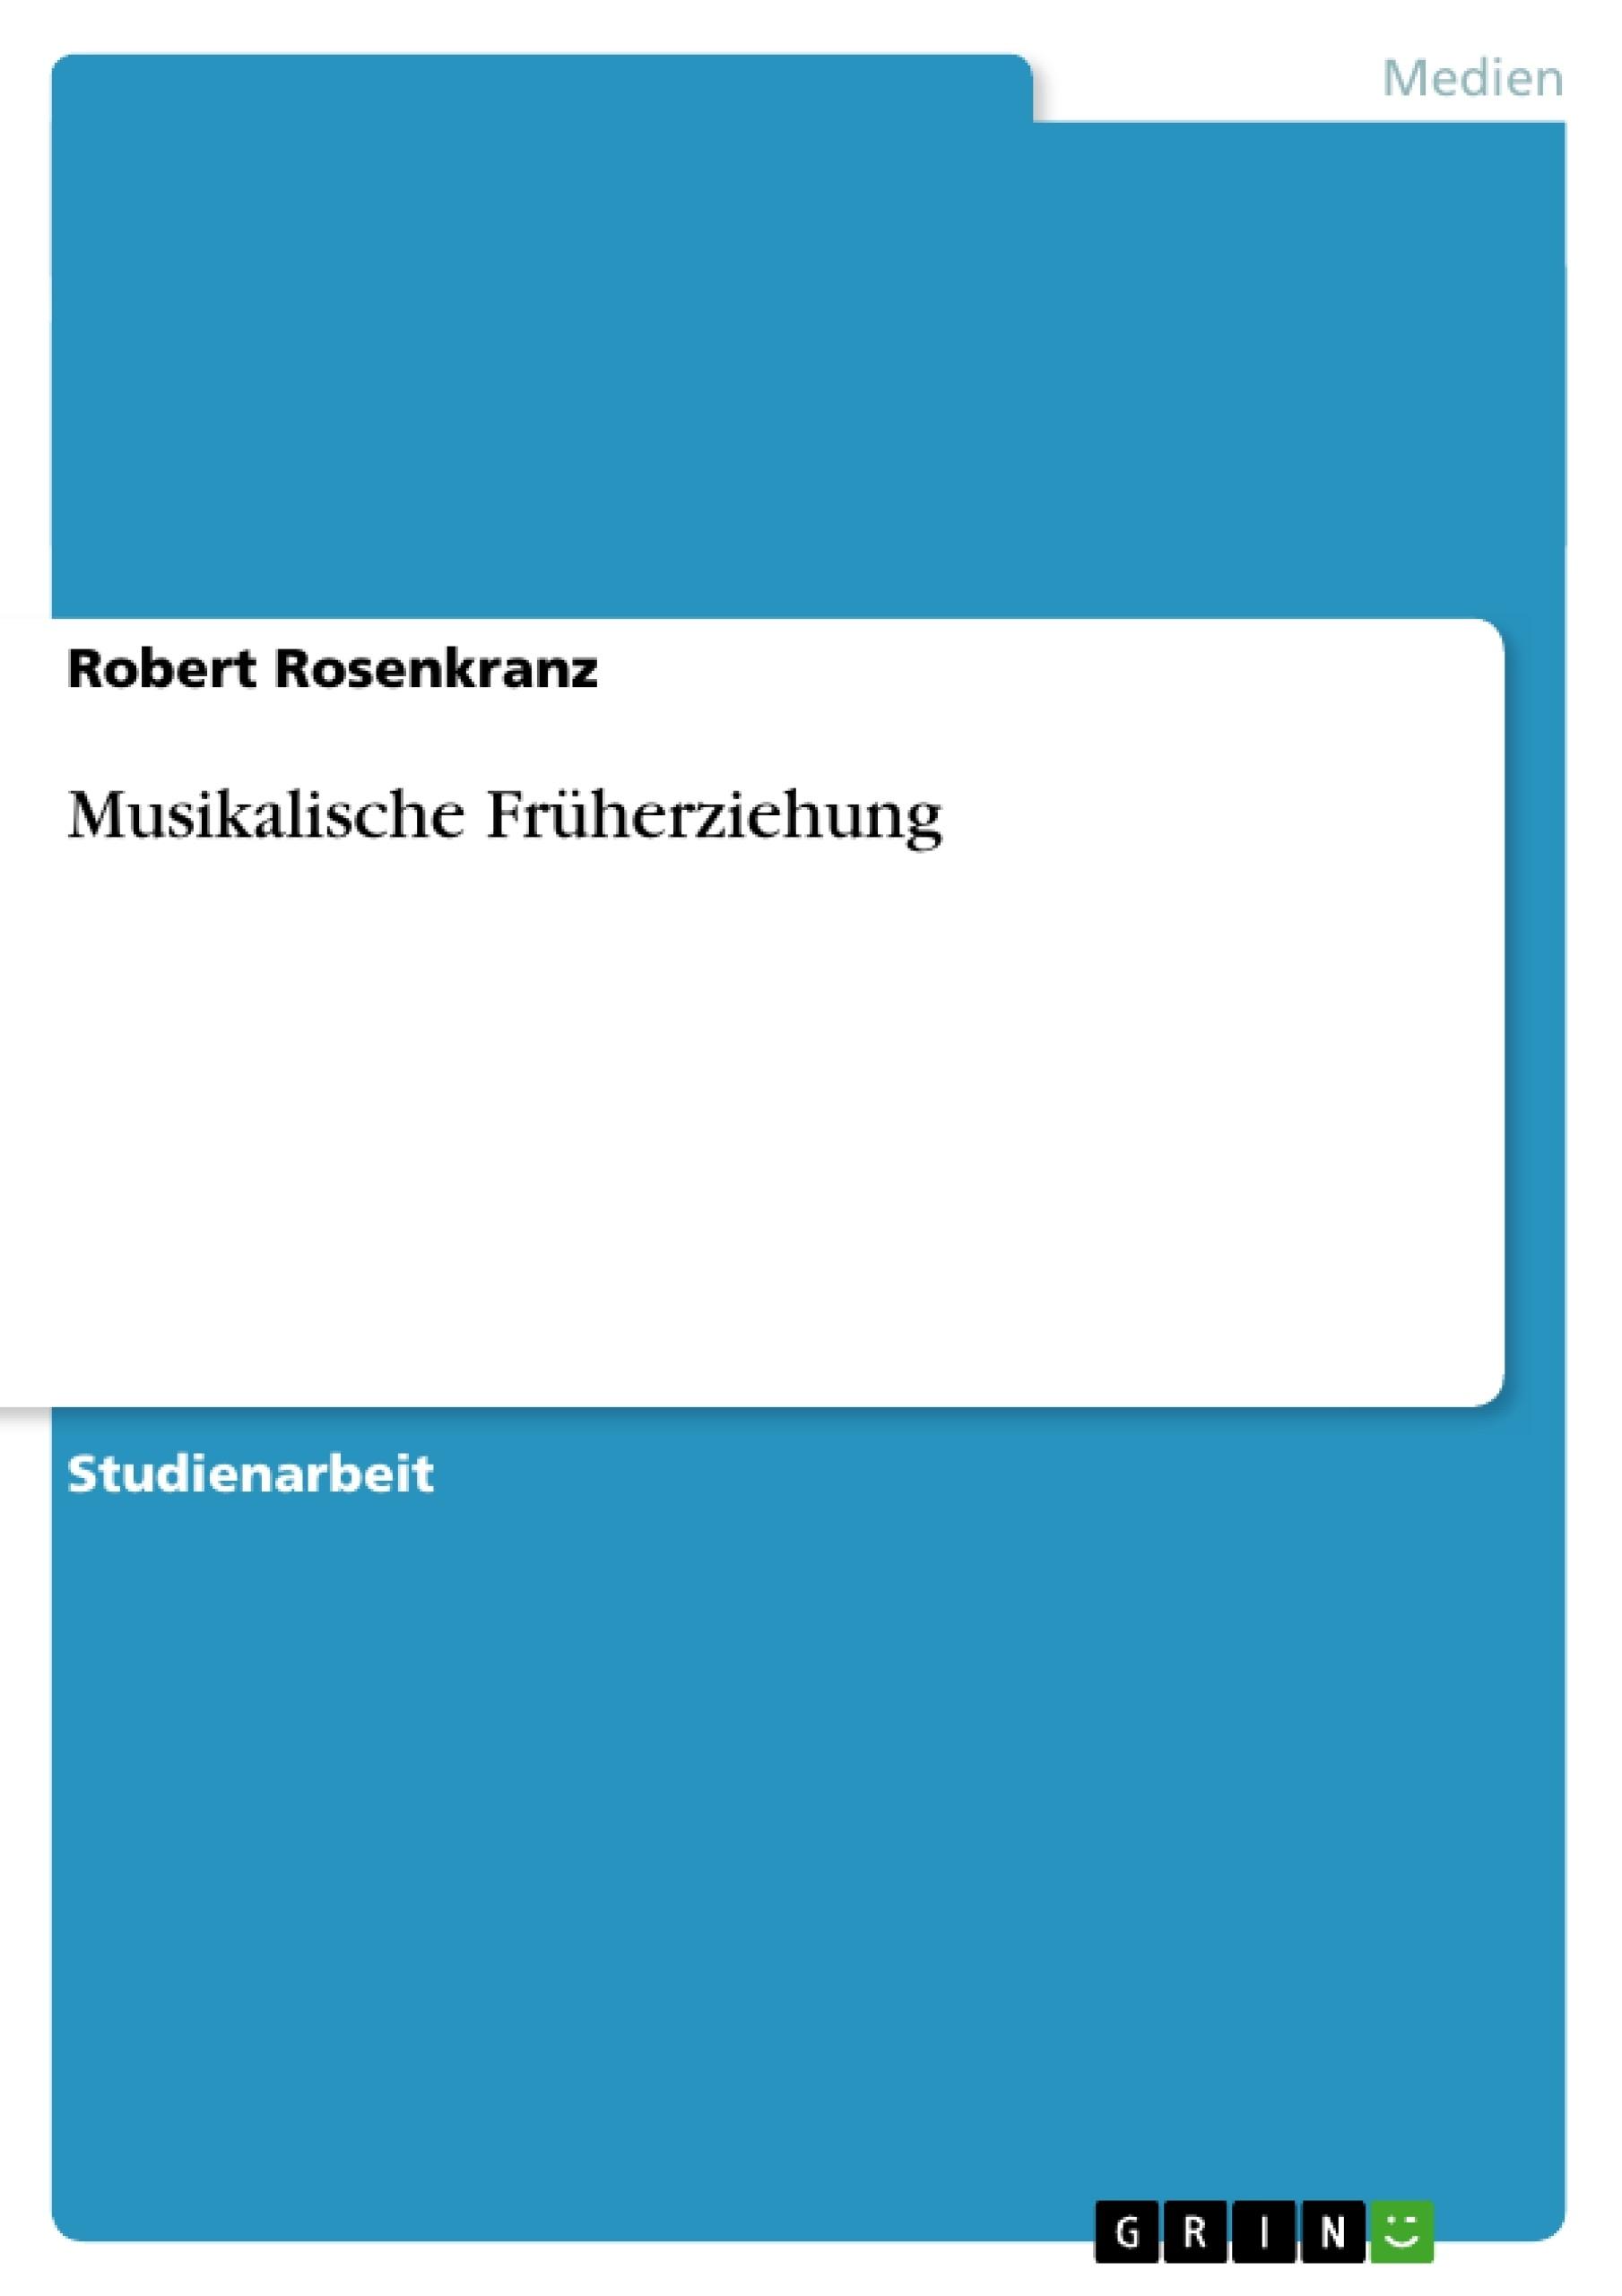 Titel: Musikalische Früherziehung